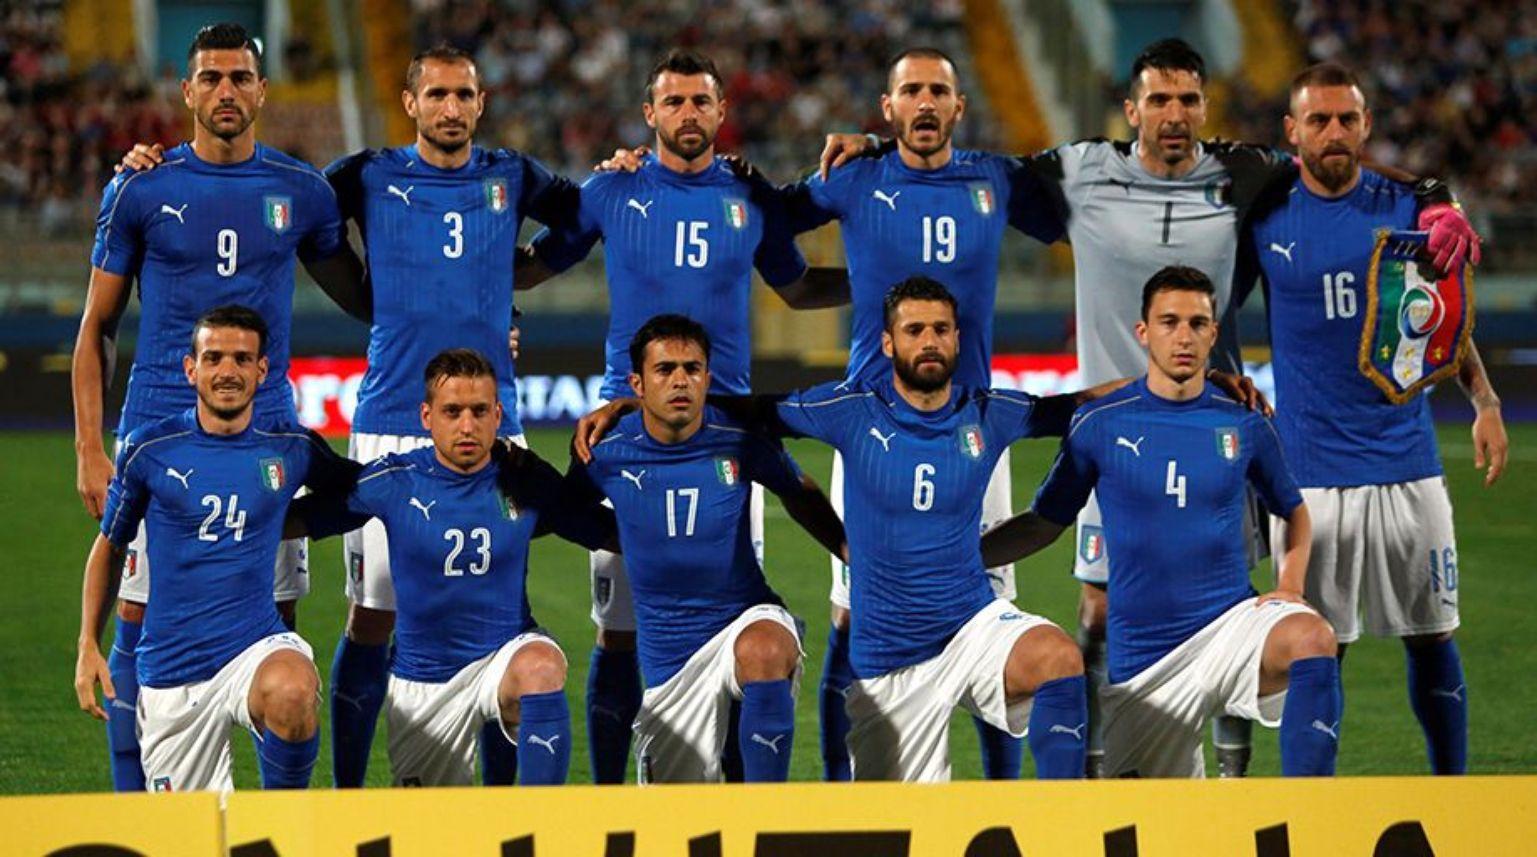 إيطاليا تطيح بزامبيا وتتأهل لنصف نهائي مونديال الشباب